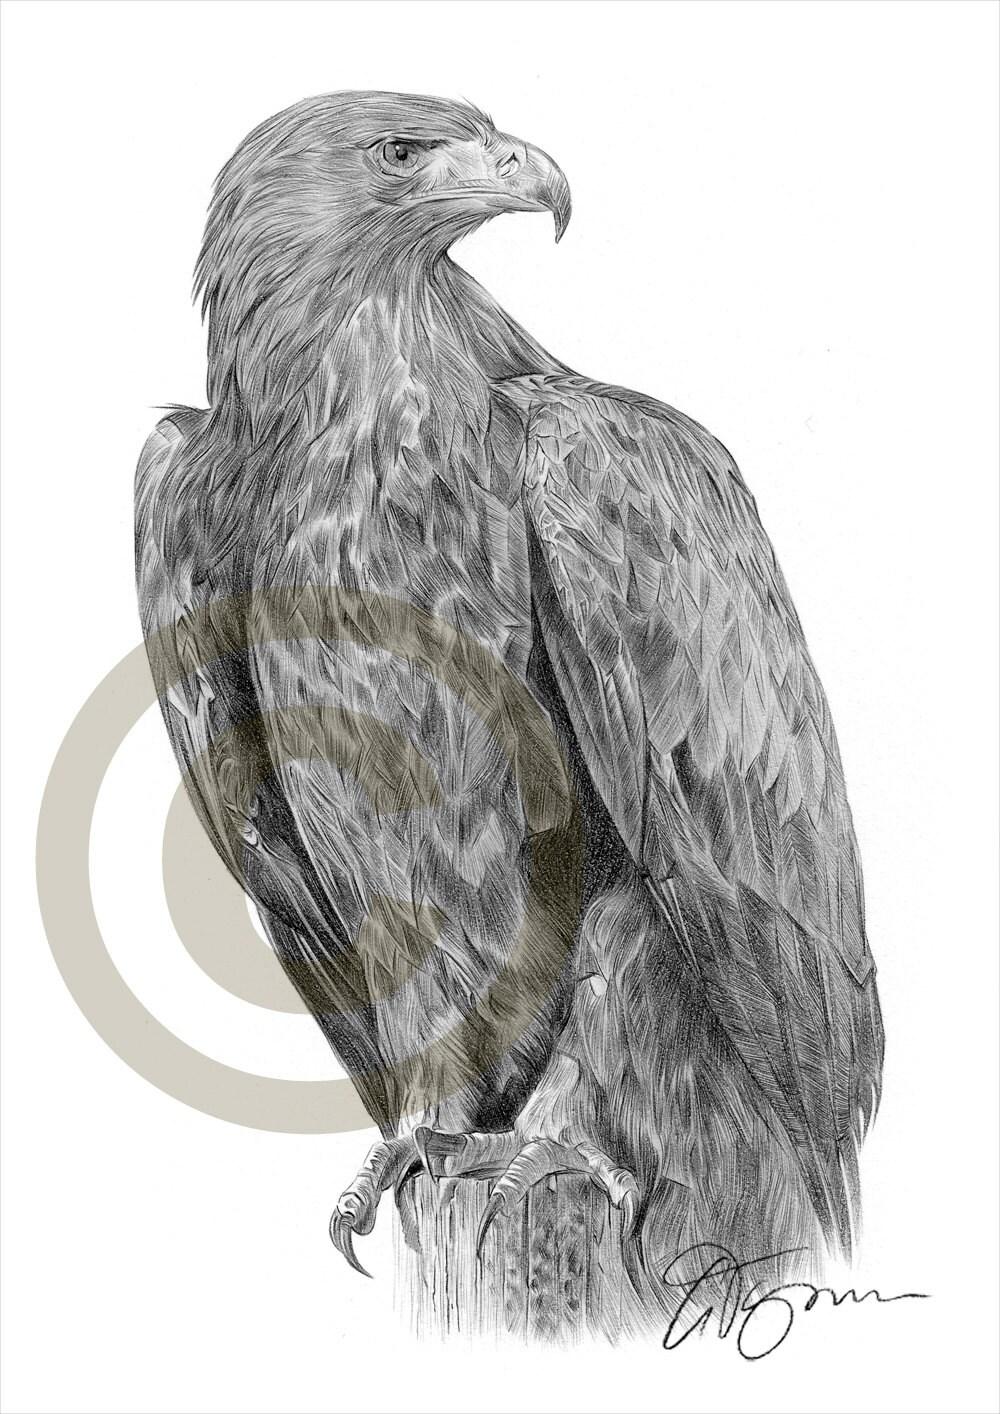 vogel steinadler bleistiftzeichnung drucken a4 gr e. Black Bedroom Furniture Sets. Home Design Ideas